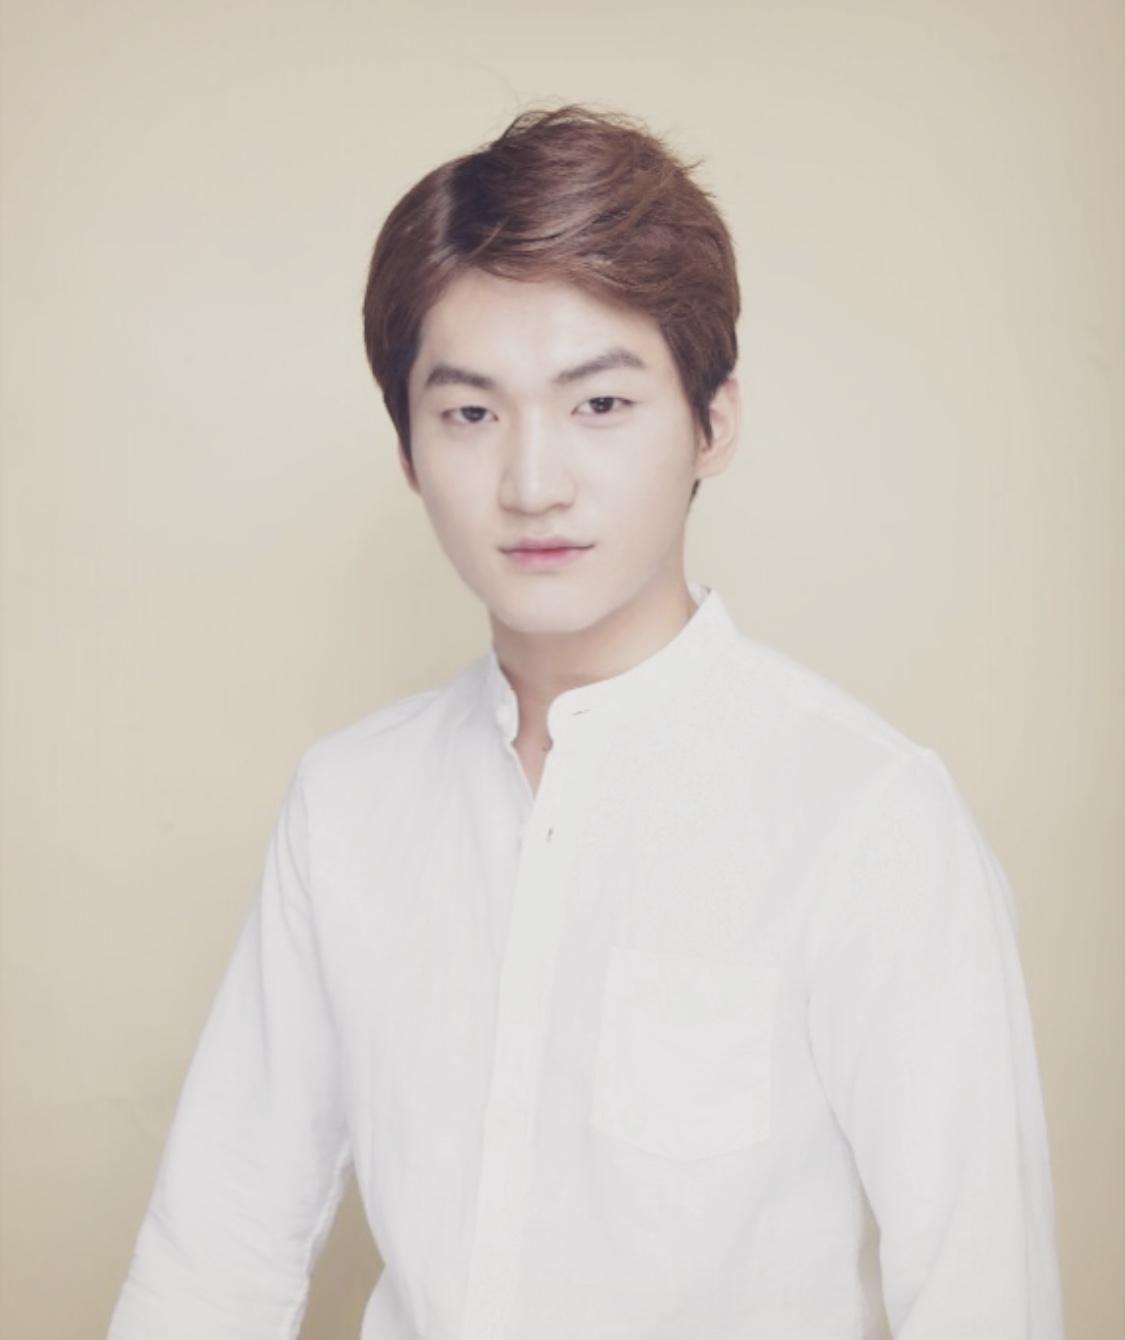 김지현 프로필사진.jpg